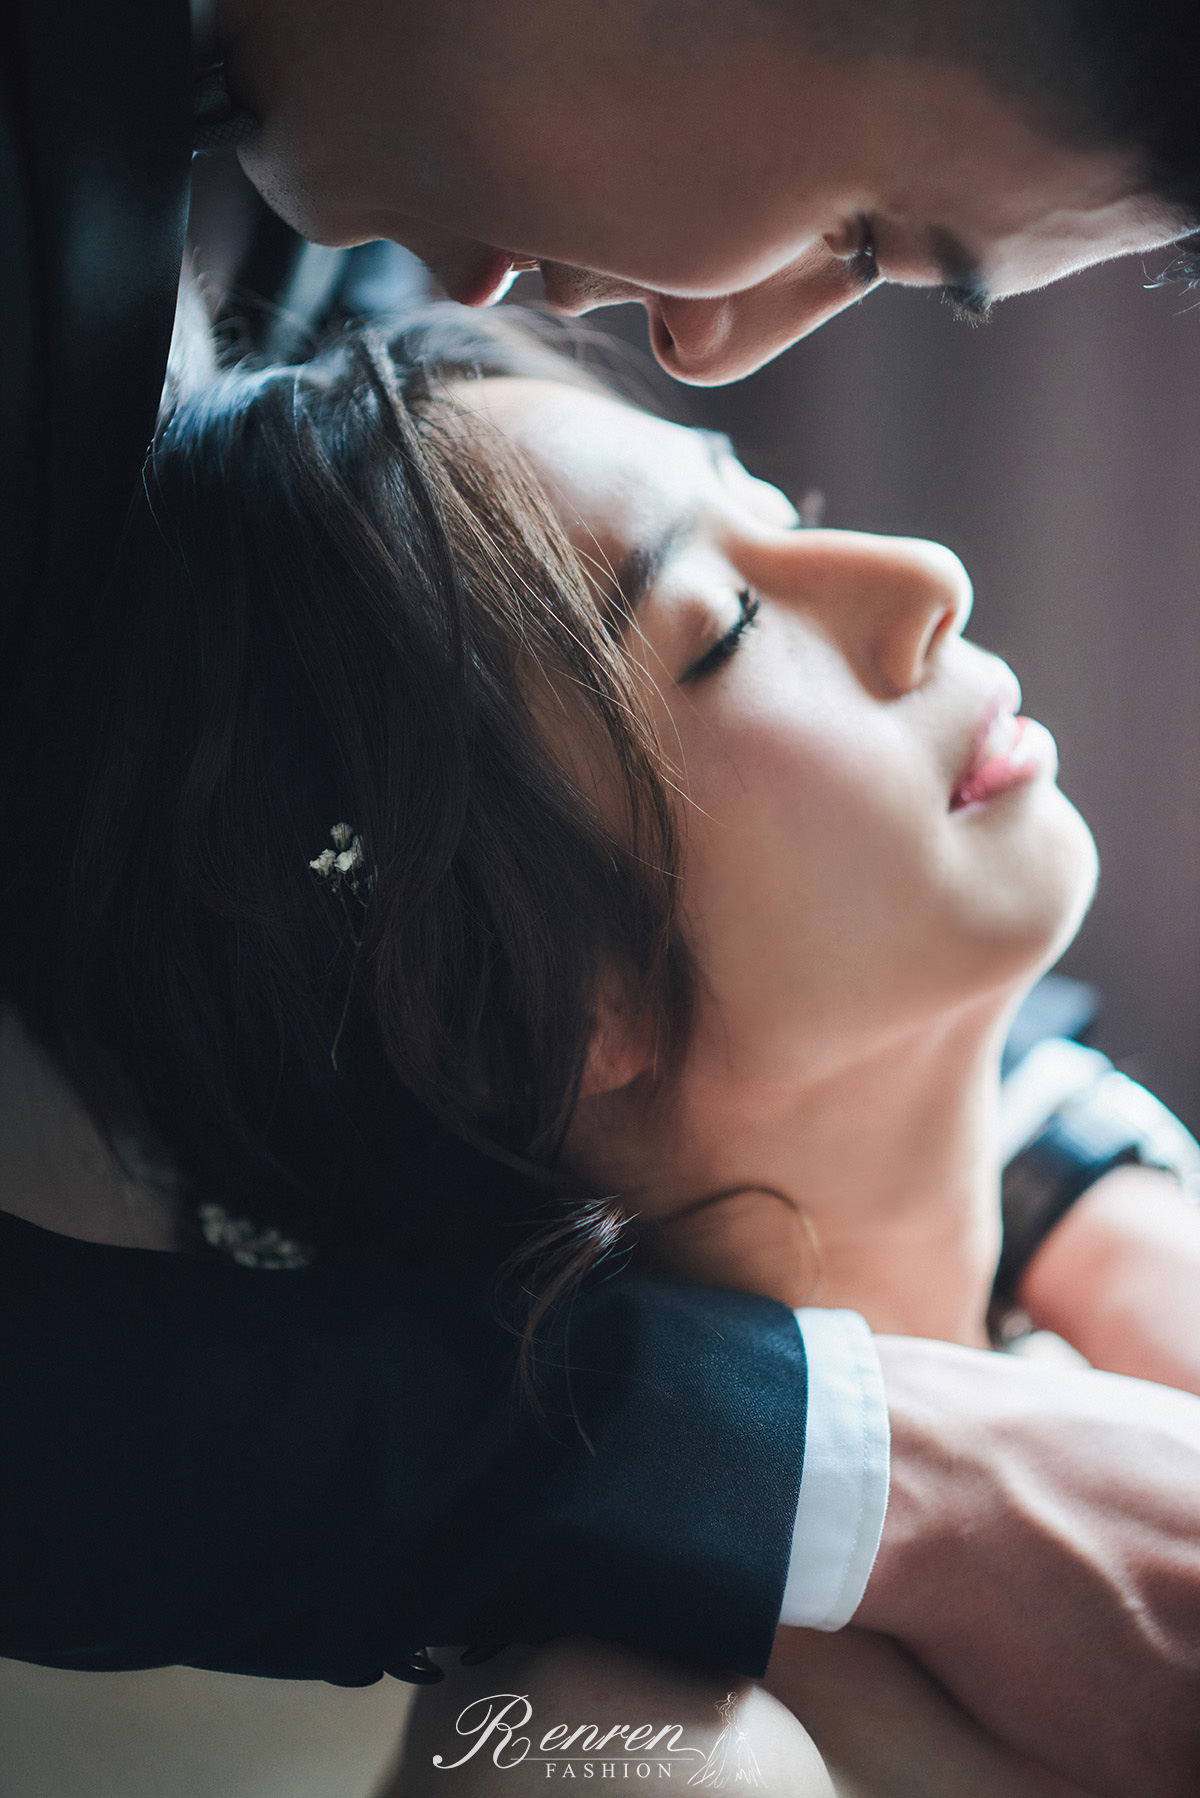 台中-婚紗-冉冉-慕朵影像-婚紗作品07